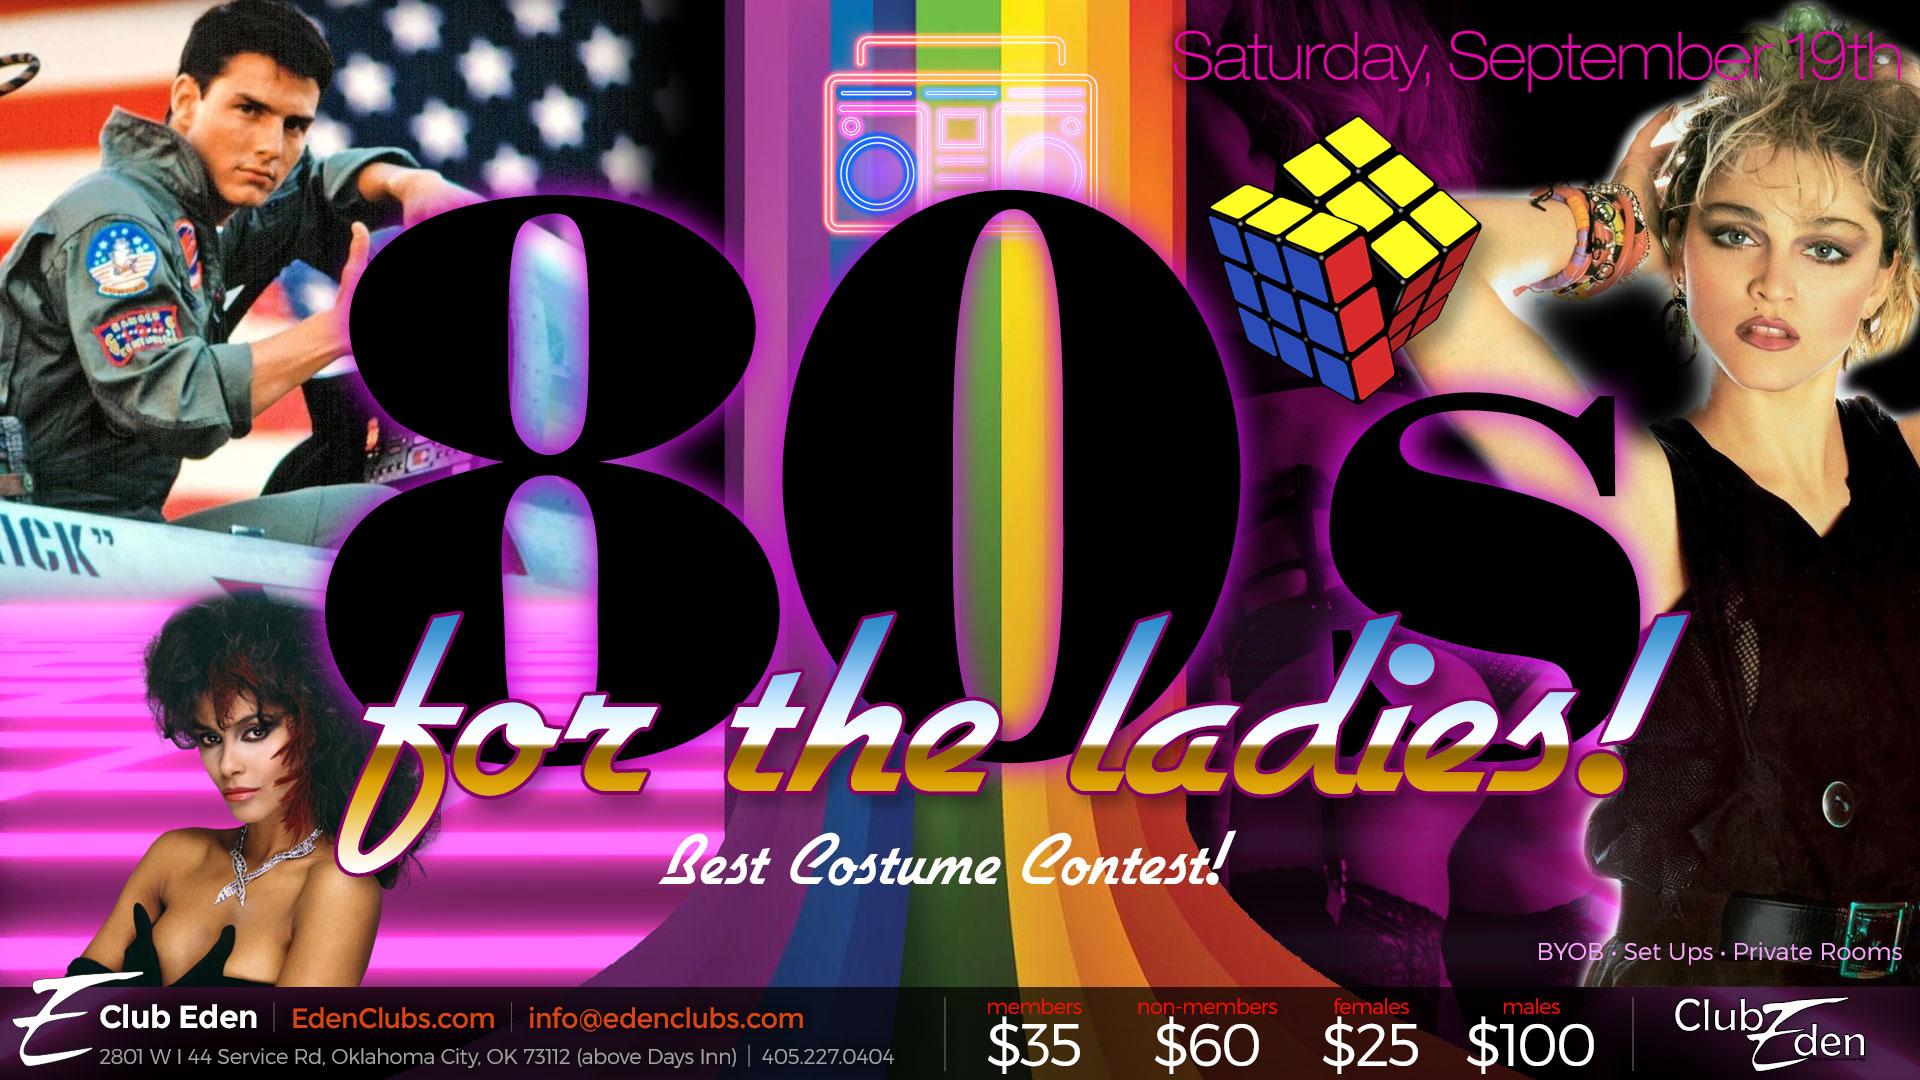 091920-OKC-80s-For-Ladies-tv